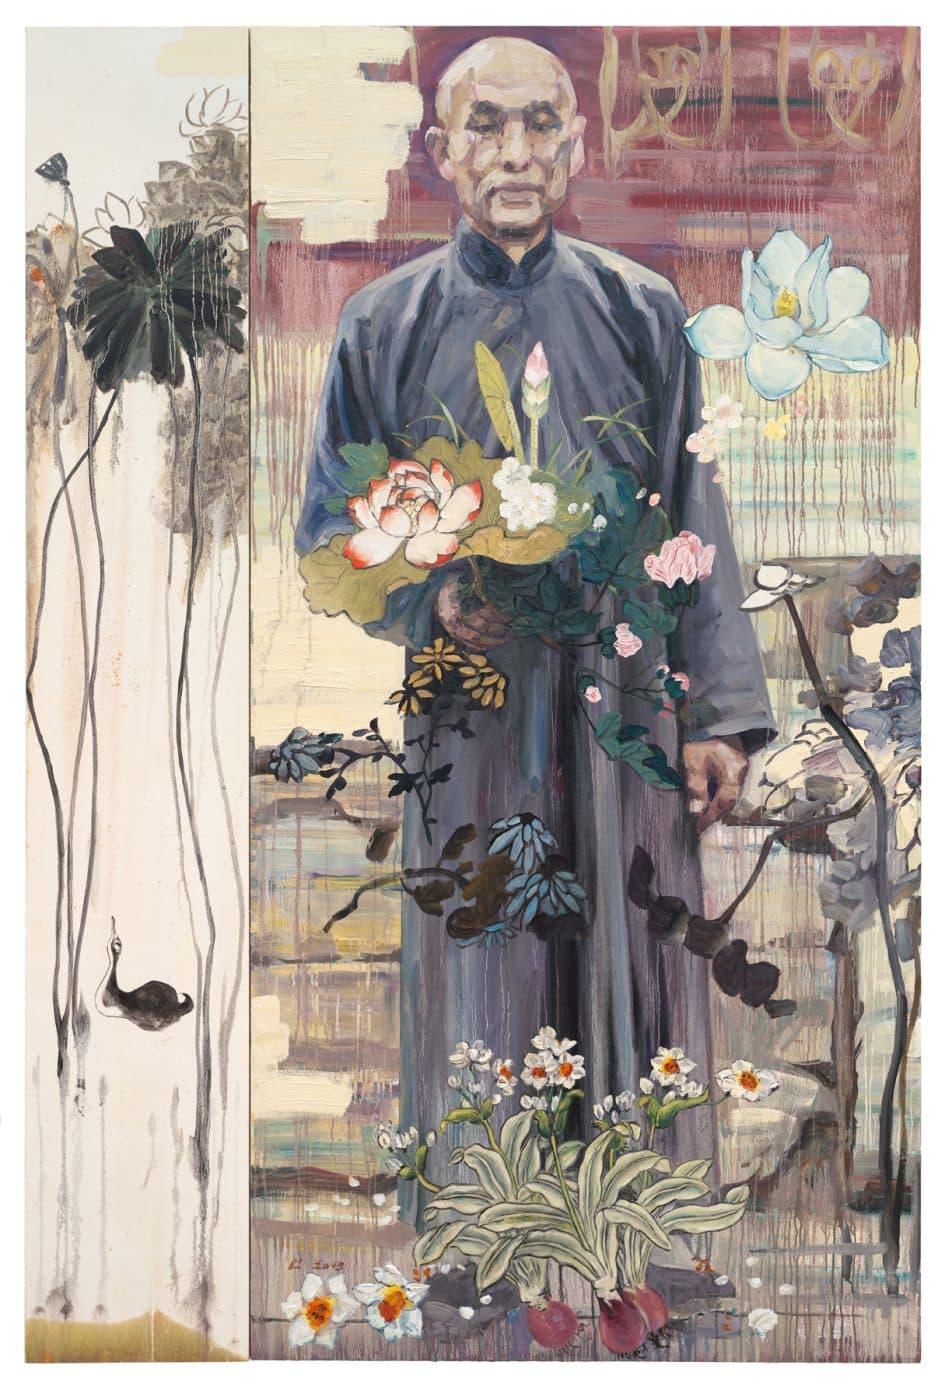 The Botanist, 2013, by Hung Liu